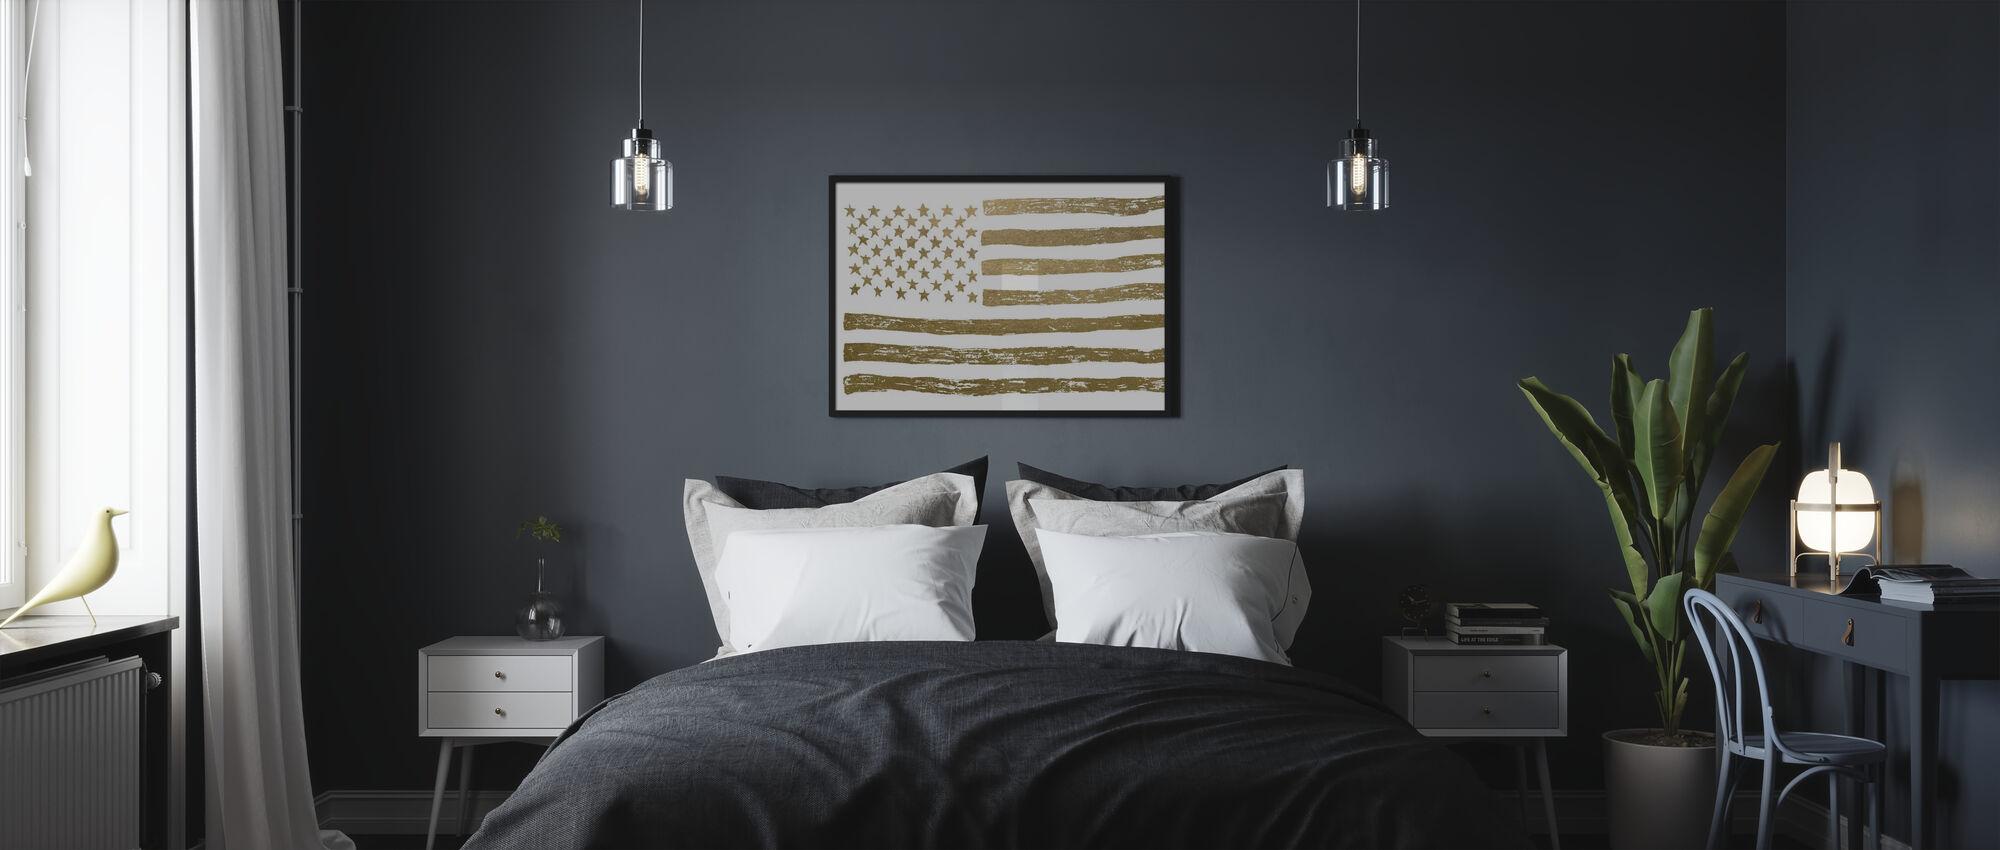 Gold U.S. Flag - Poster - Bedroom